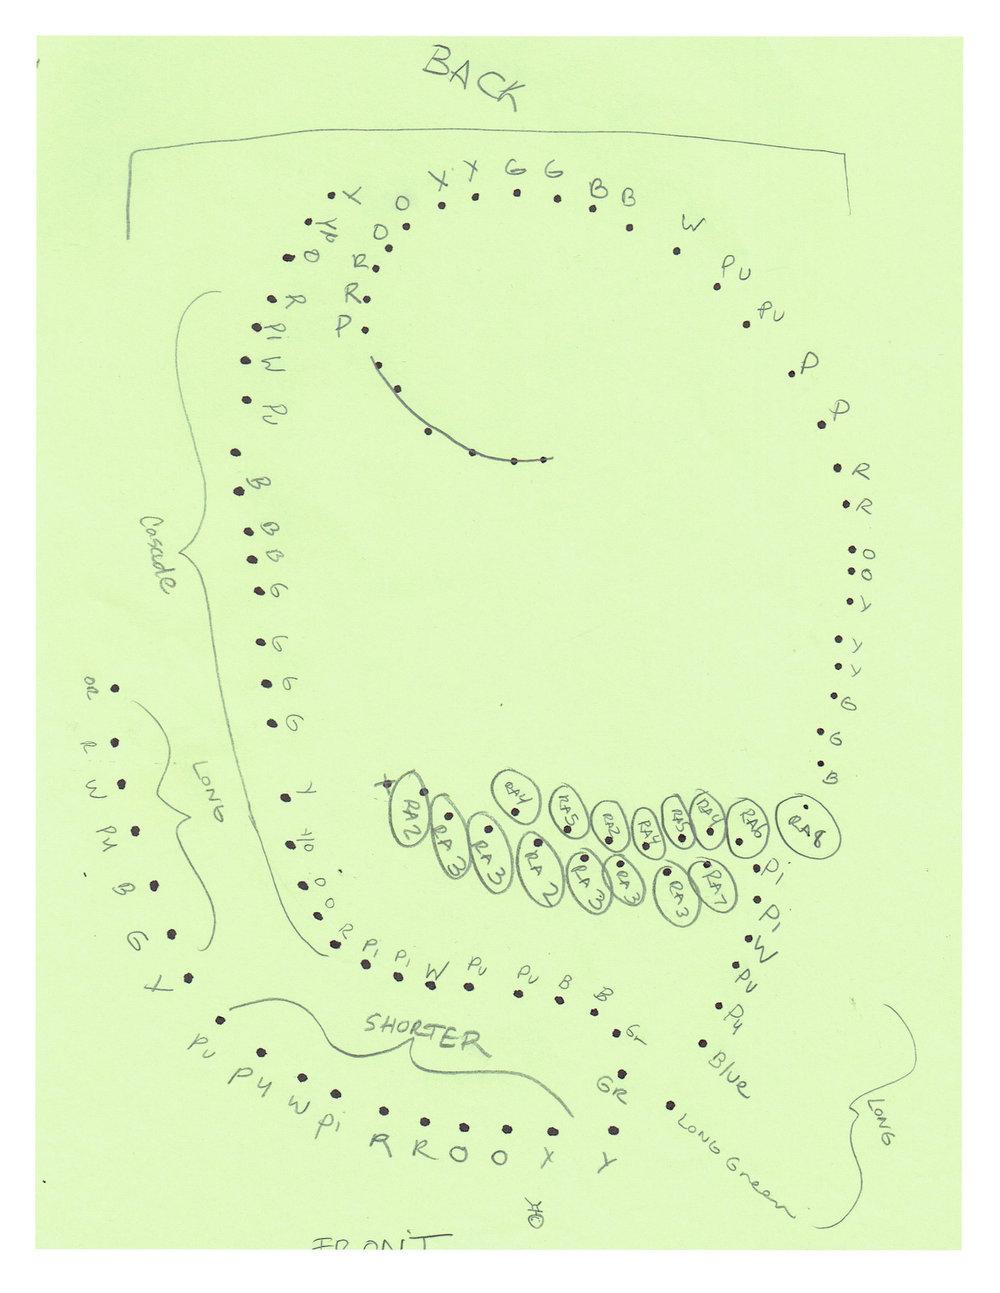 1-Original Map.jpg